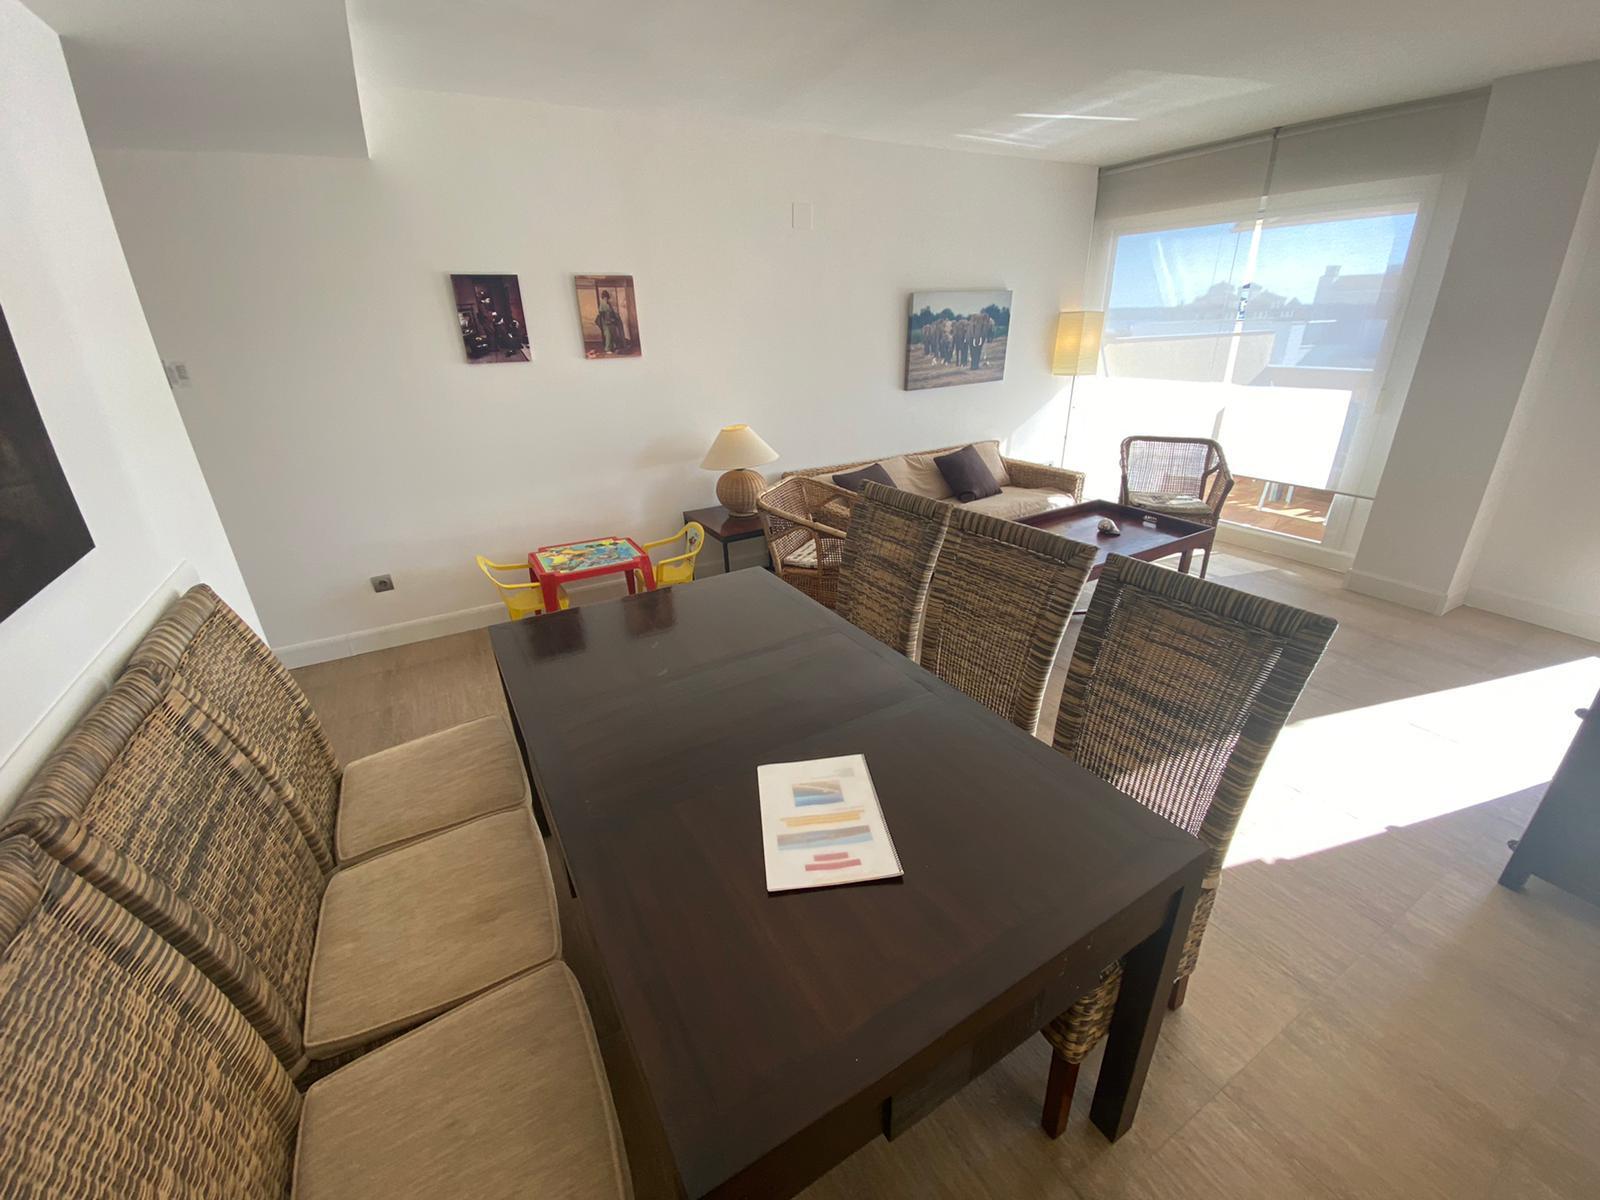 Imagen 5 del Apartamento Turístico, Ático 6 Central (3d+2b), Punta del Moral (HUELVA), Paseo de la Cruz nº22